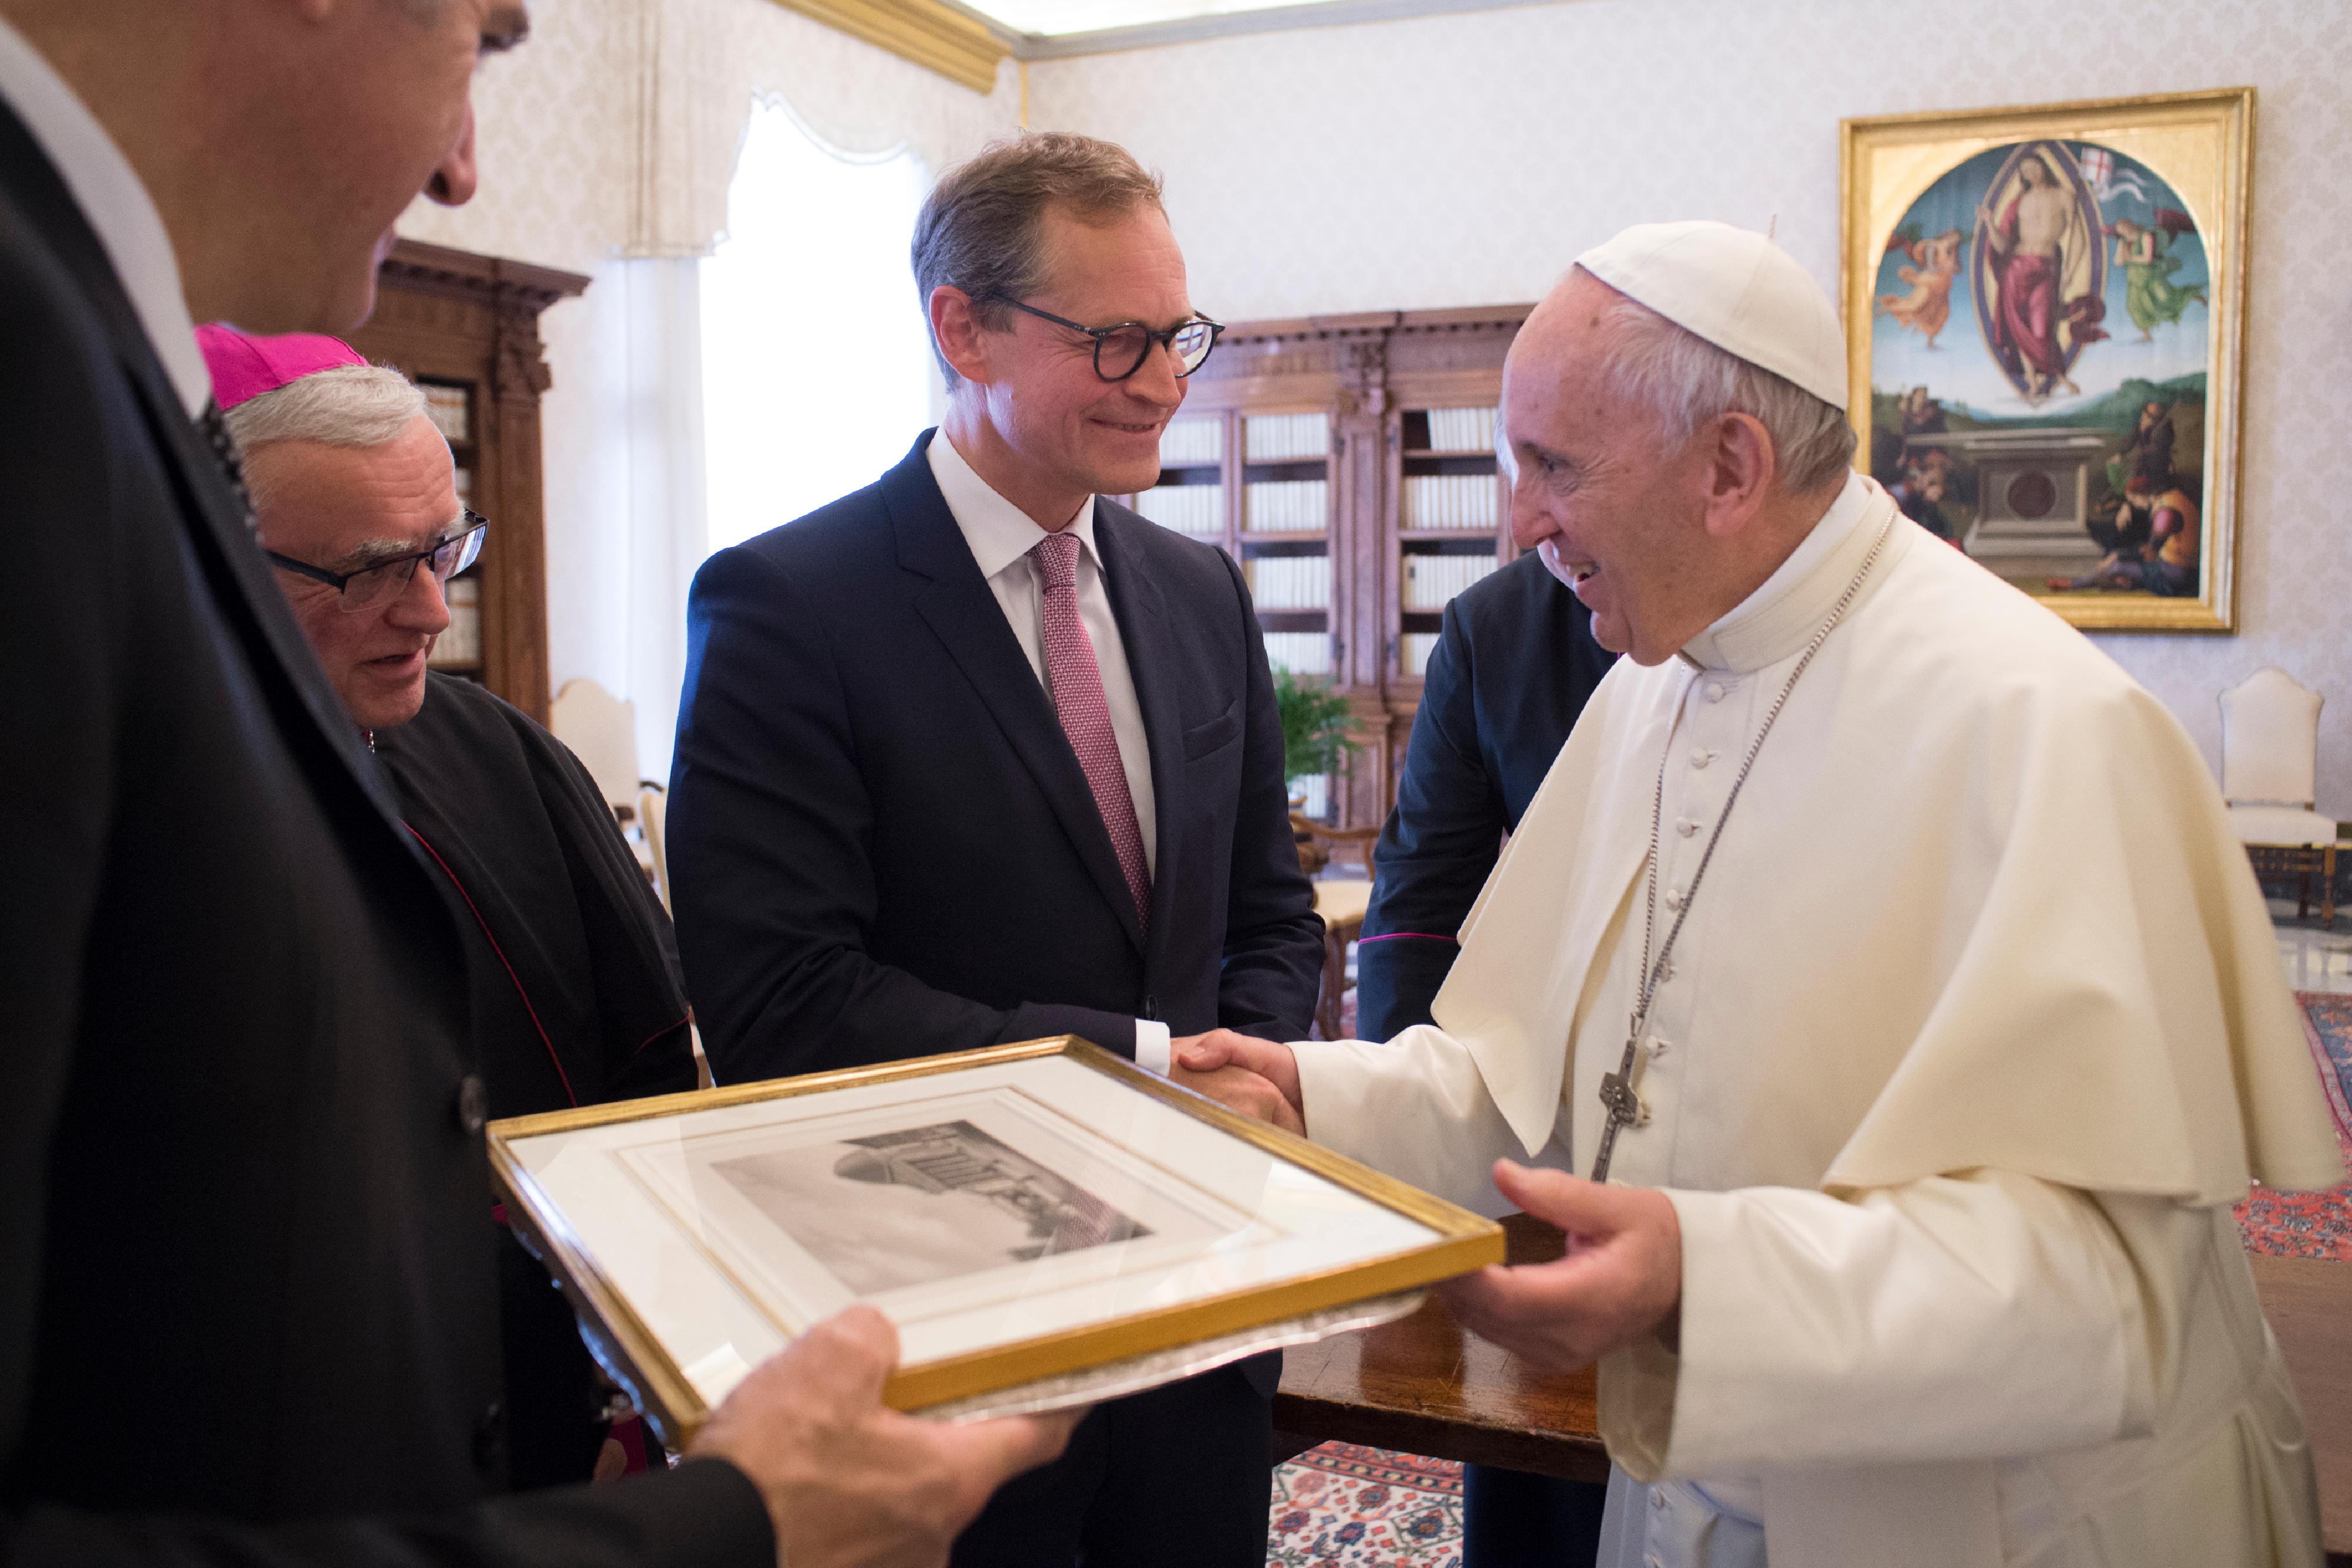 Michael Müller 26/052018 © Vatican Media